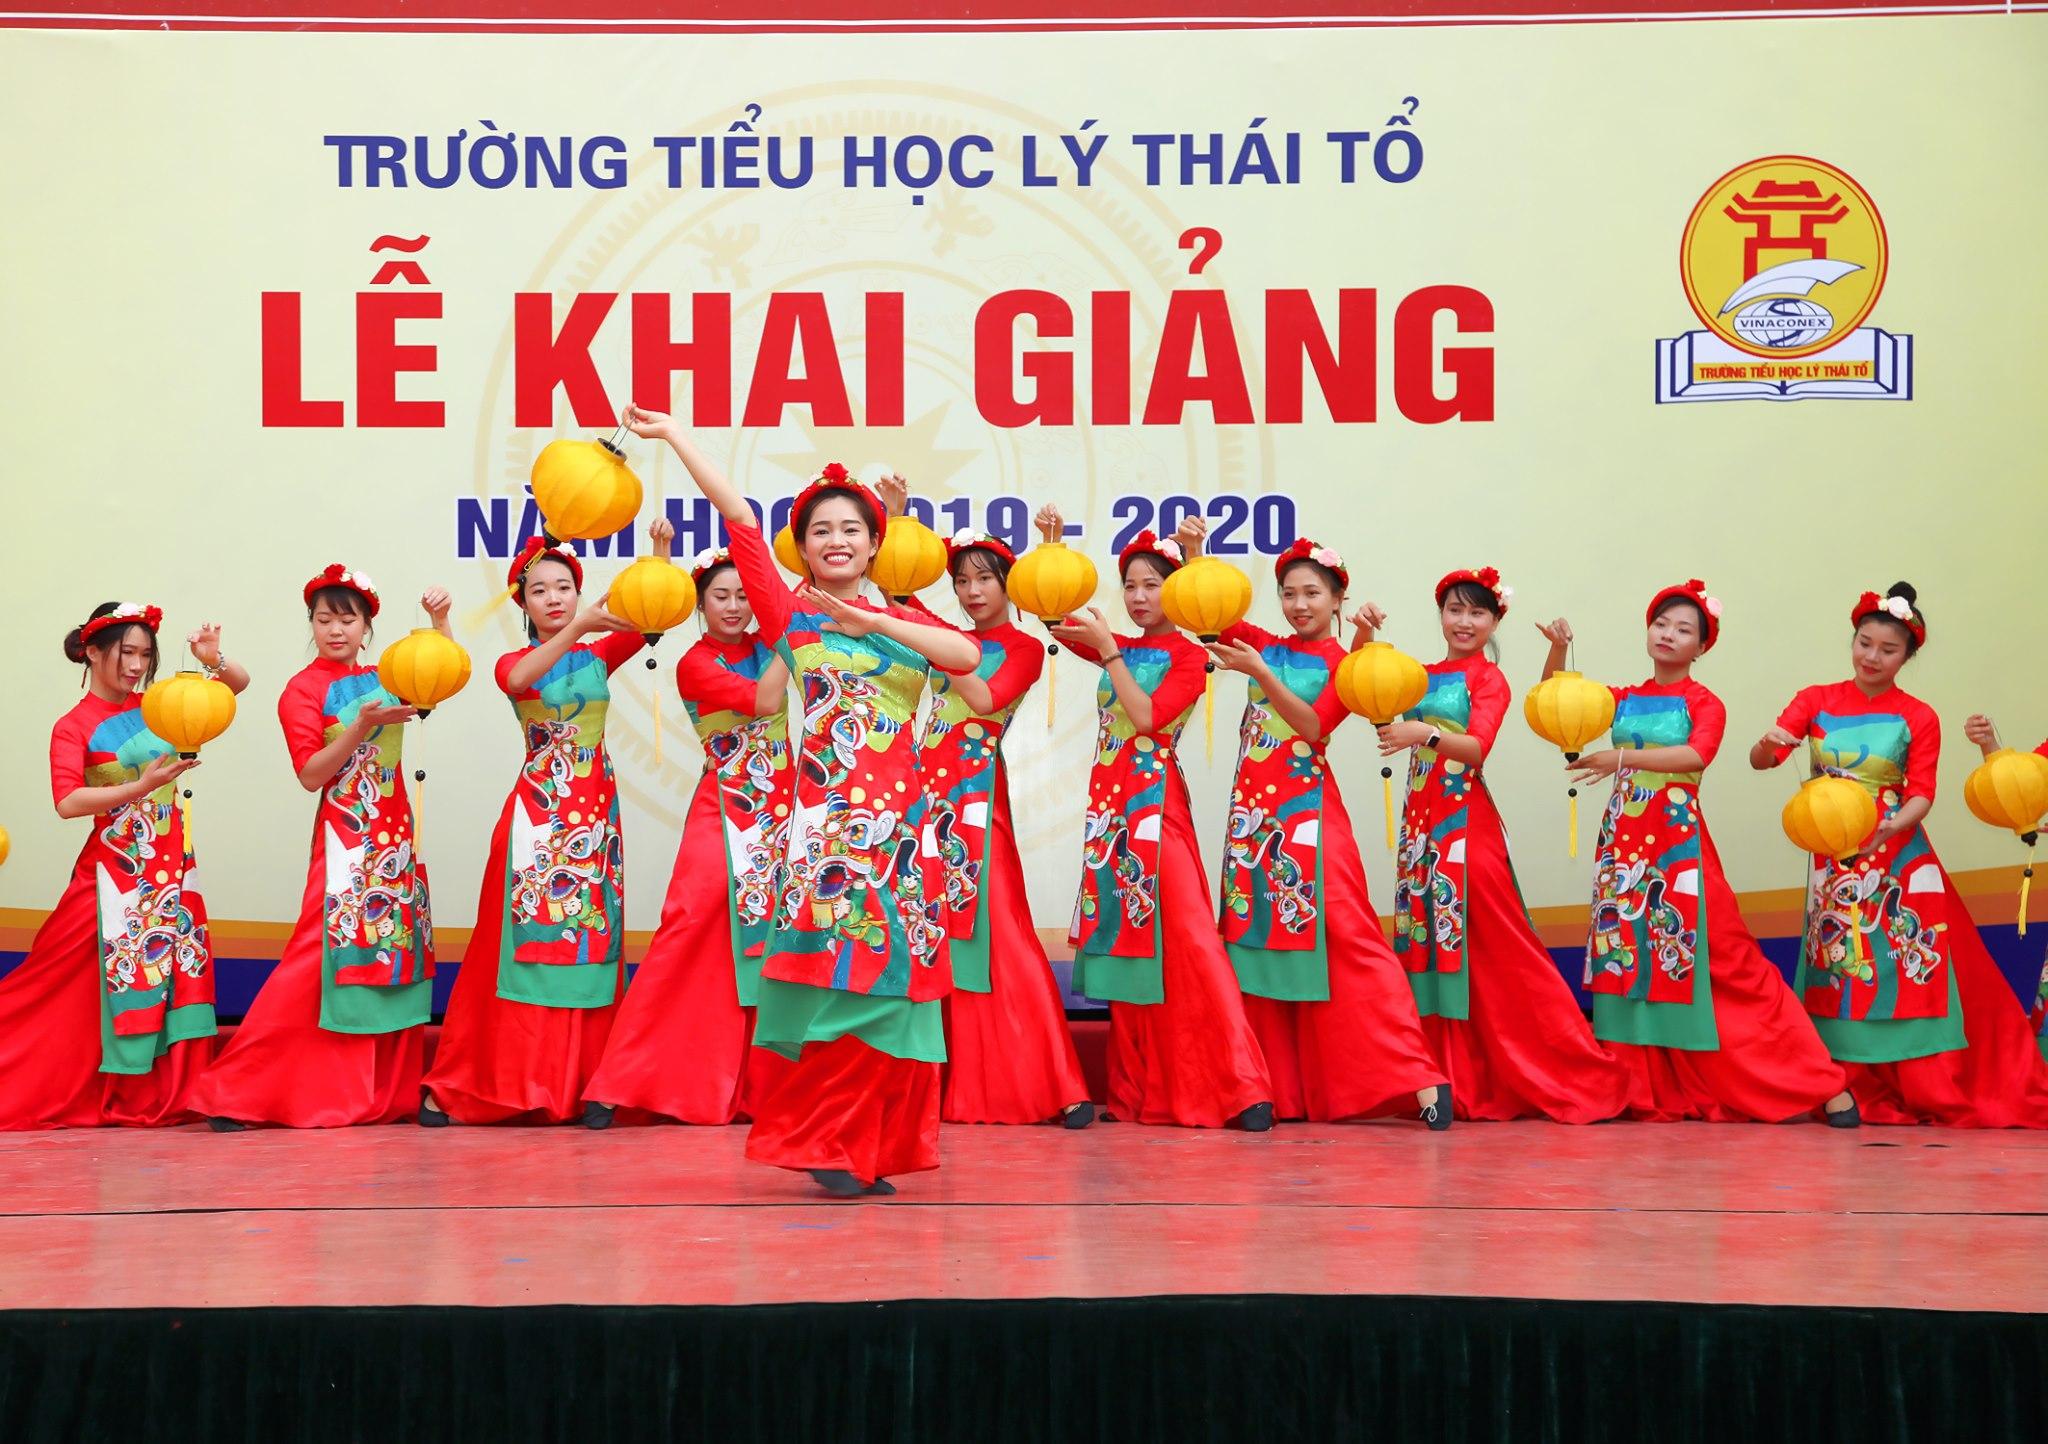 Trường Tiểu học Lý Thái Tổ thực hiện công khai theo Thông tư 36 của Bộ GD-ĐT